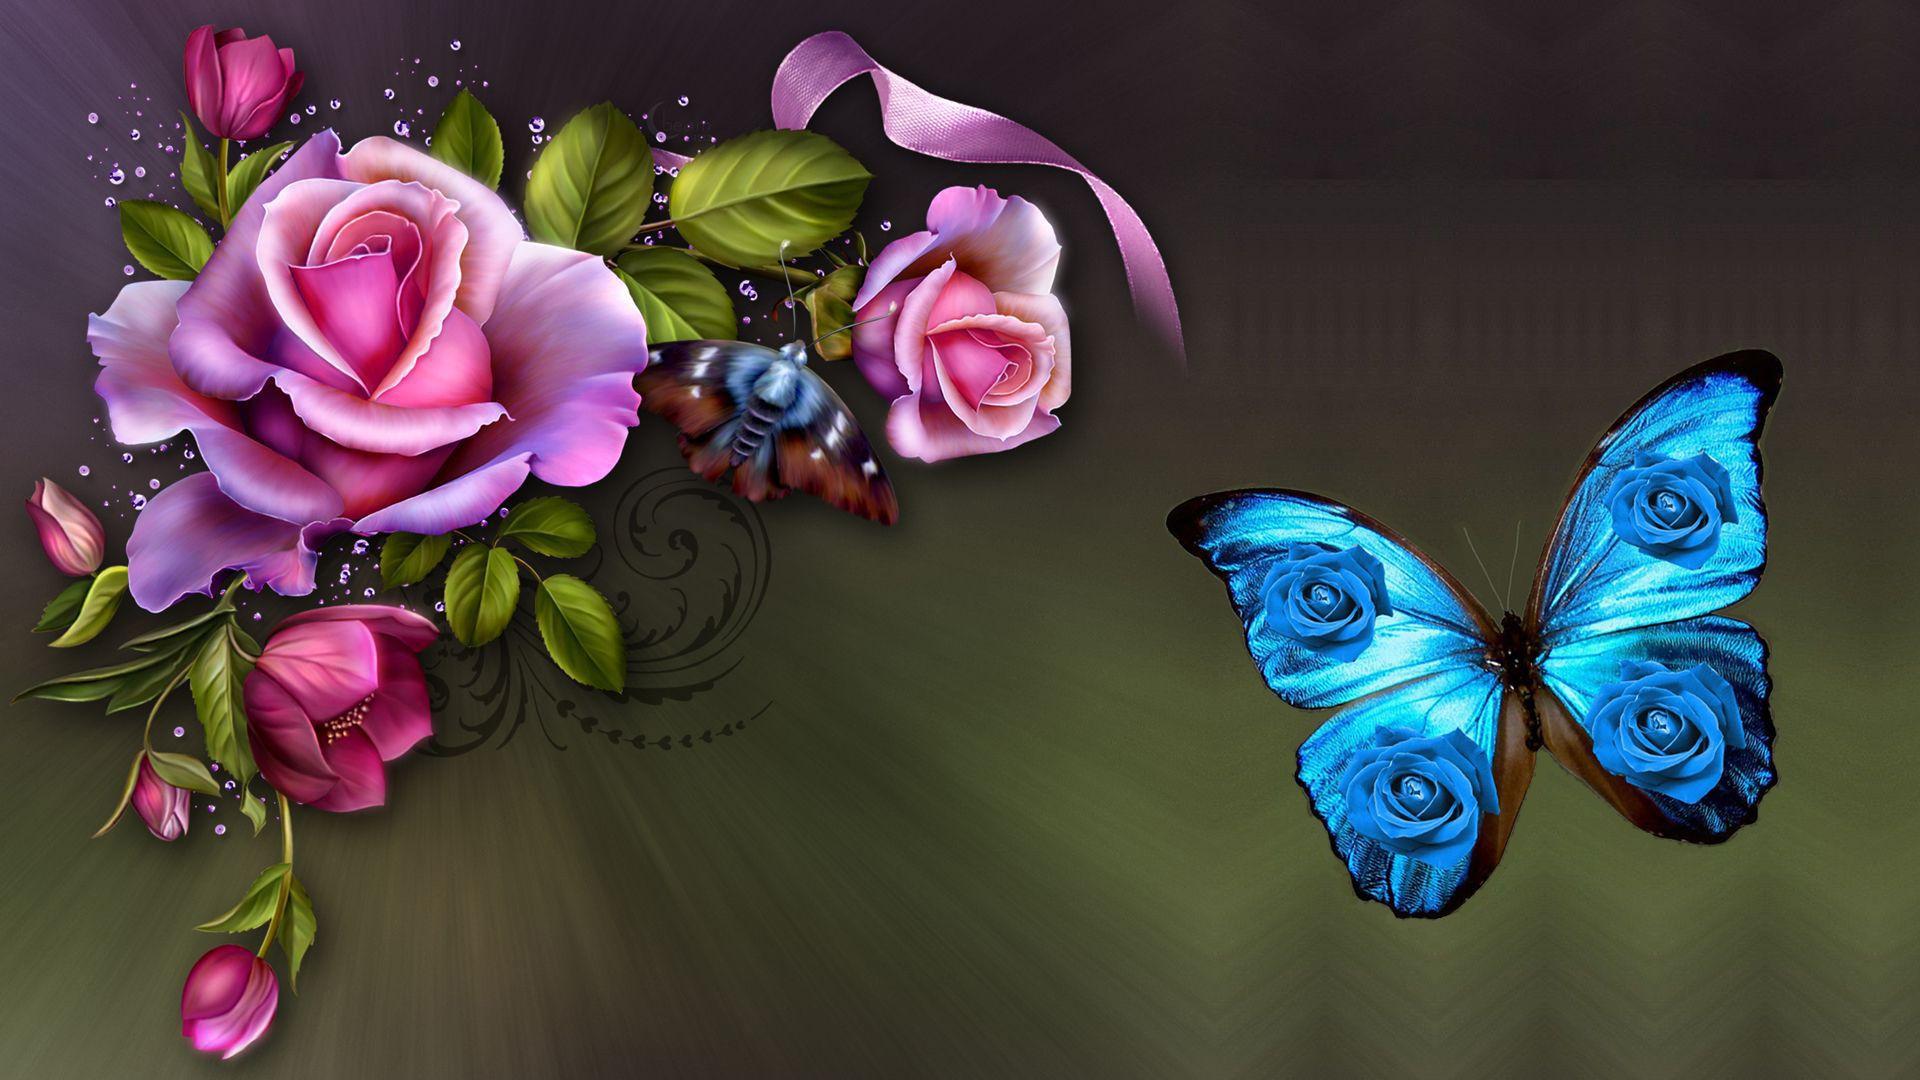 Desktop Butterflies Wallpaper Hd Butterfly Wallpaper Butterfly Wallpaper Butterfly Pictures Butterfly Tattoos Images